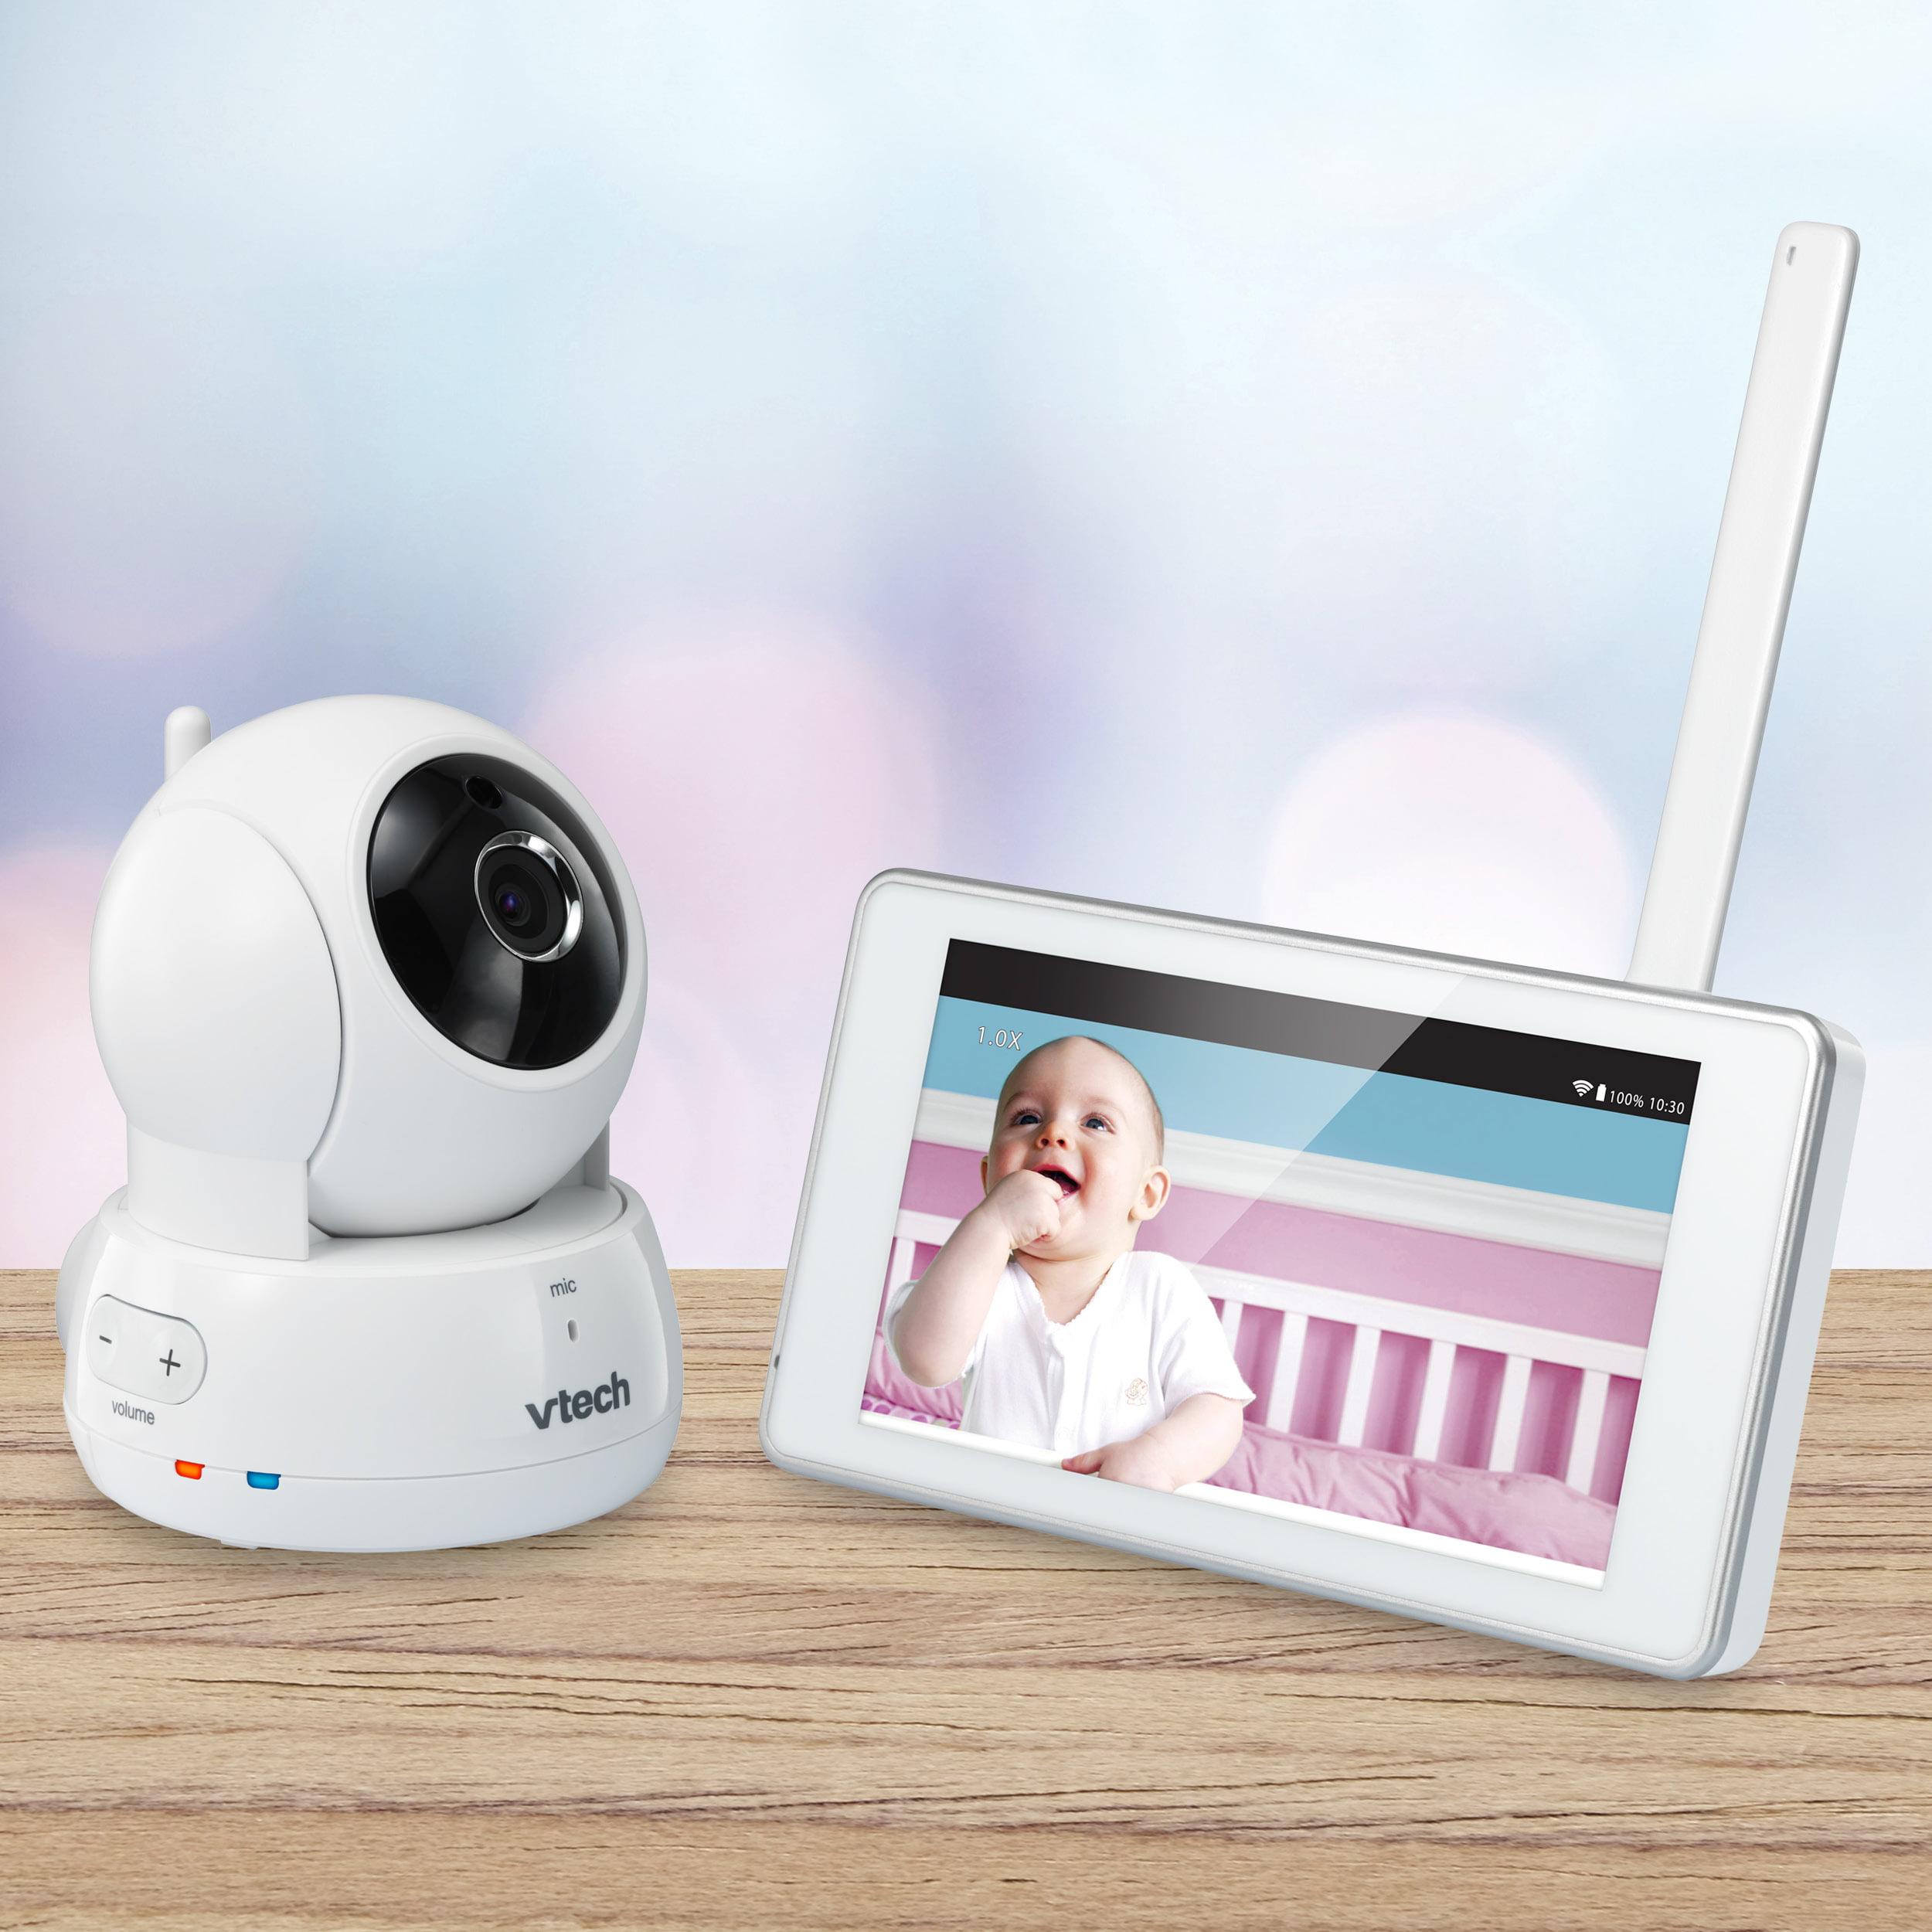 VTech VM991, Wi-Fi Video Baby Monitor, Remote Access, Pan & Tilt Camera by VTech